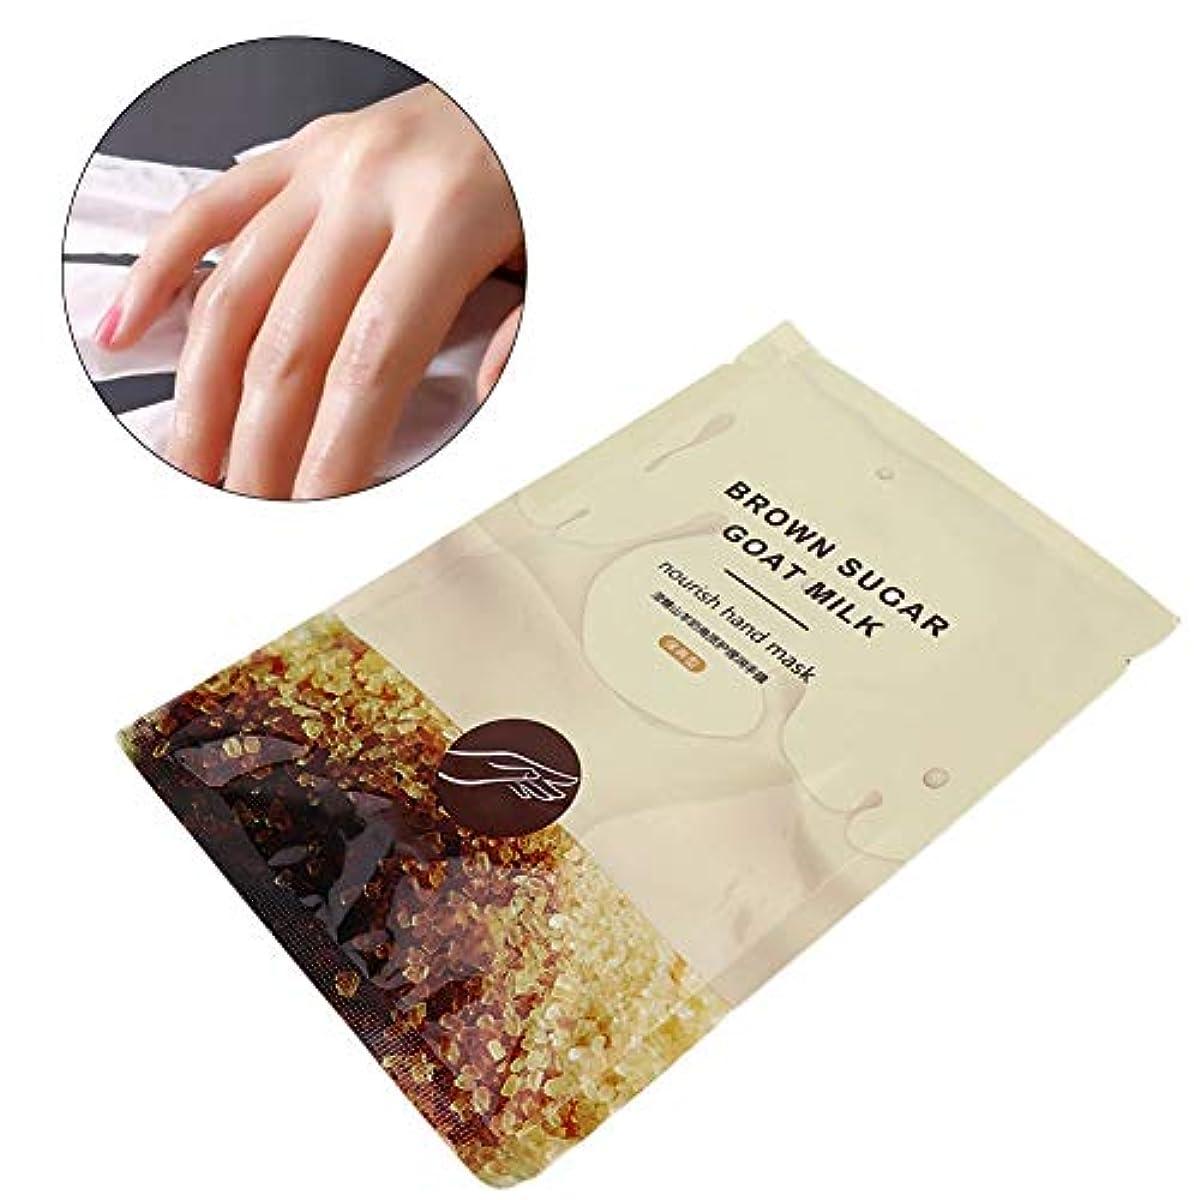 パテ心配NITRIP ハンドマスク ハンドケア ハンドパック 手 角質ケア 保湿 潤い 美白 スキンケア エイジングケア 手荒れ 使用簡単 1ペア